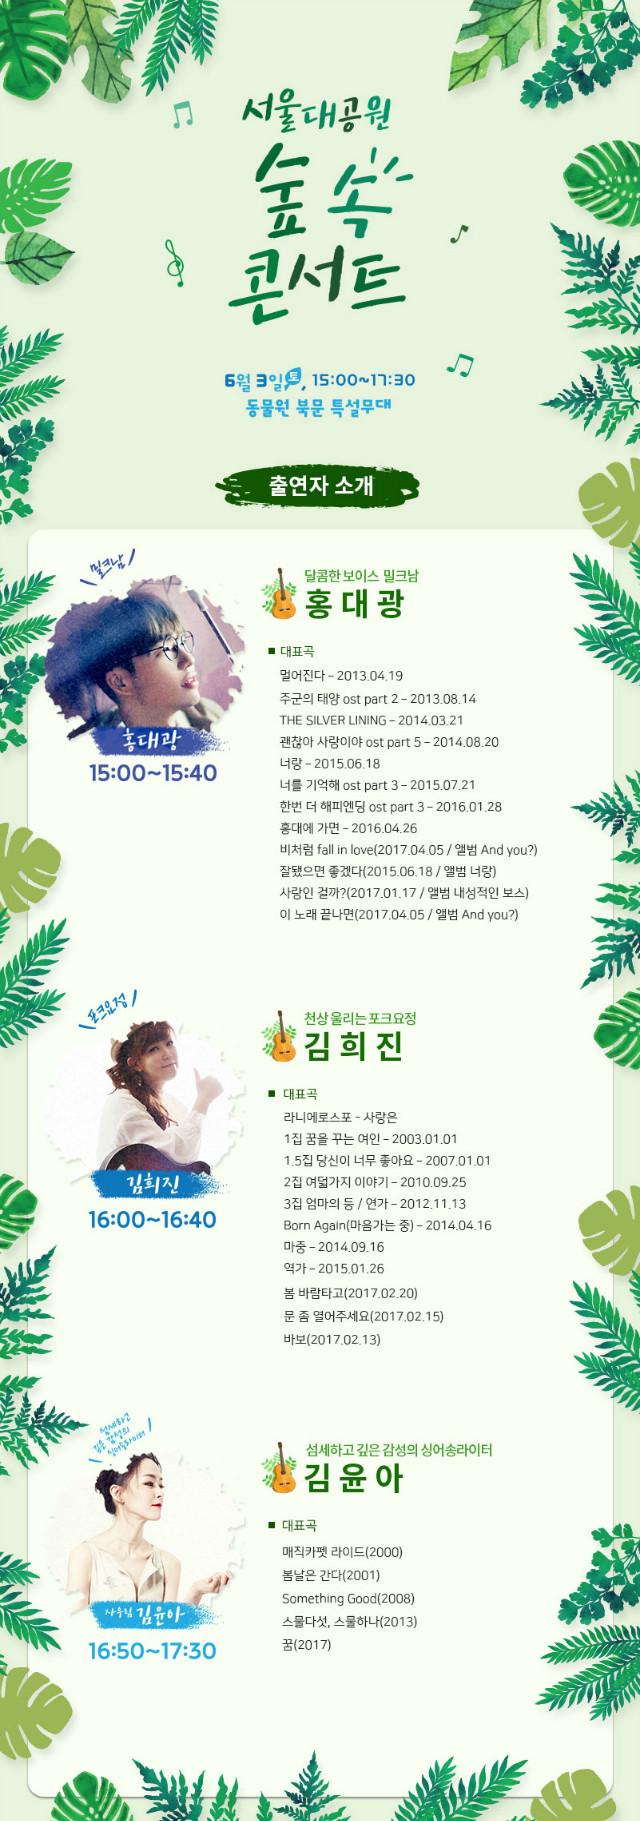 숲속 콘서트 포스터 ㅣ 6.3(토) ㅣ 동물원 북문 특설무대